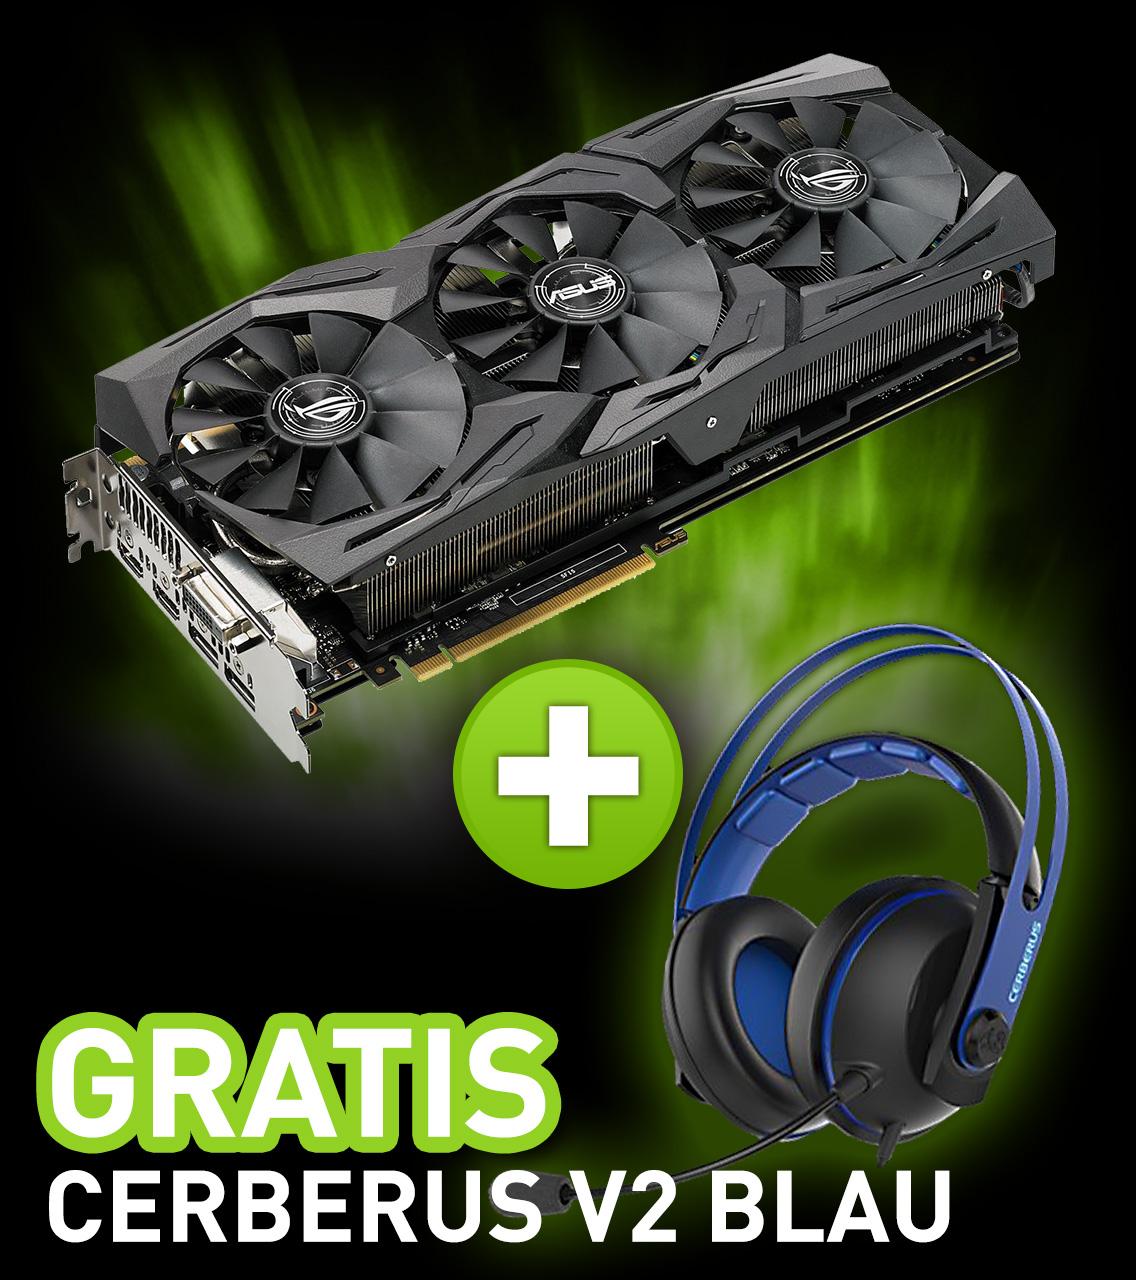 11GB Asus GeForce GTX 1080 Ti ROG Strix Gaming Aktiv PCIe 3.0 x16 (Retail)